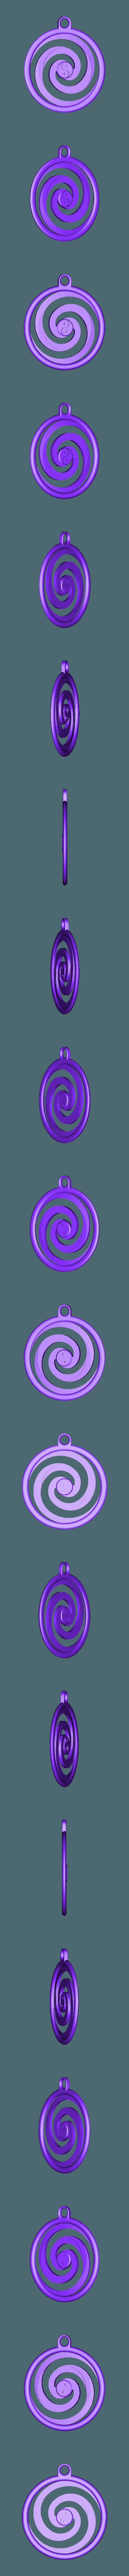 Medaille_YingTang_No1_v1.stl Télécharger fichier STL gratuit Porte-clefs pour médailles • Modèle pour imprimante 3D, yb__magiic